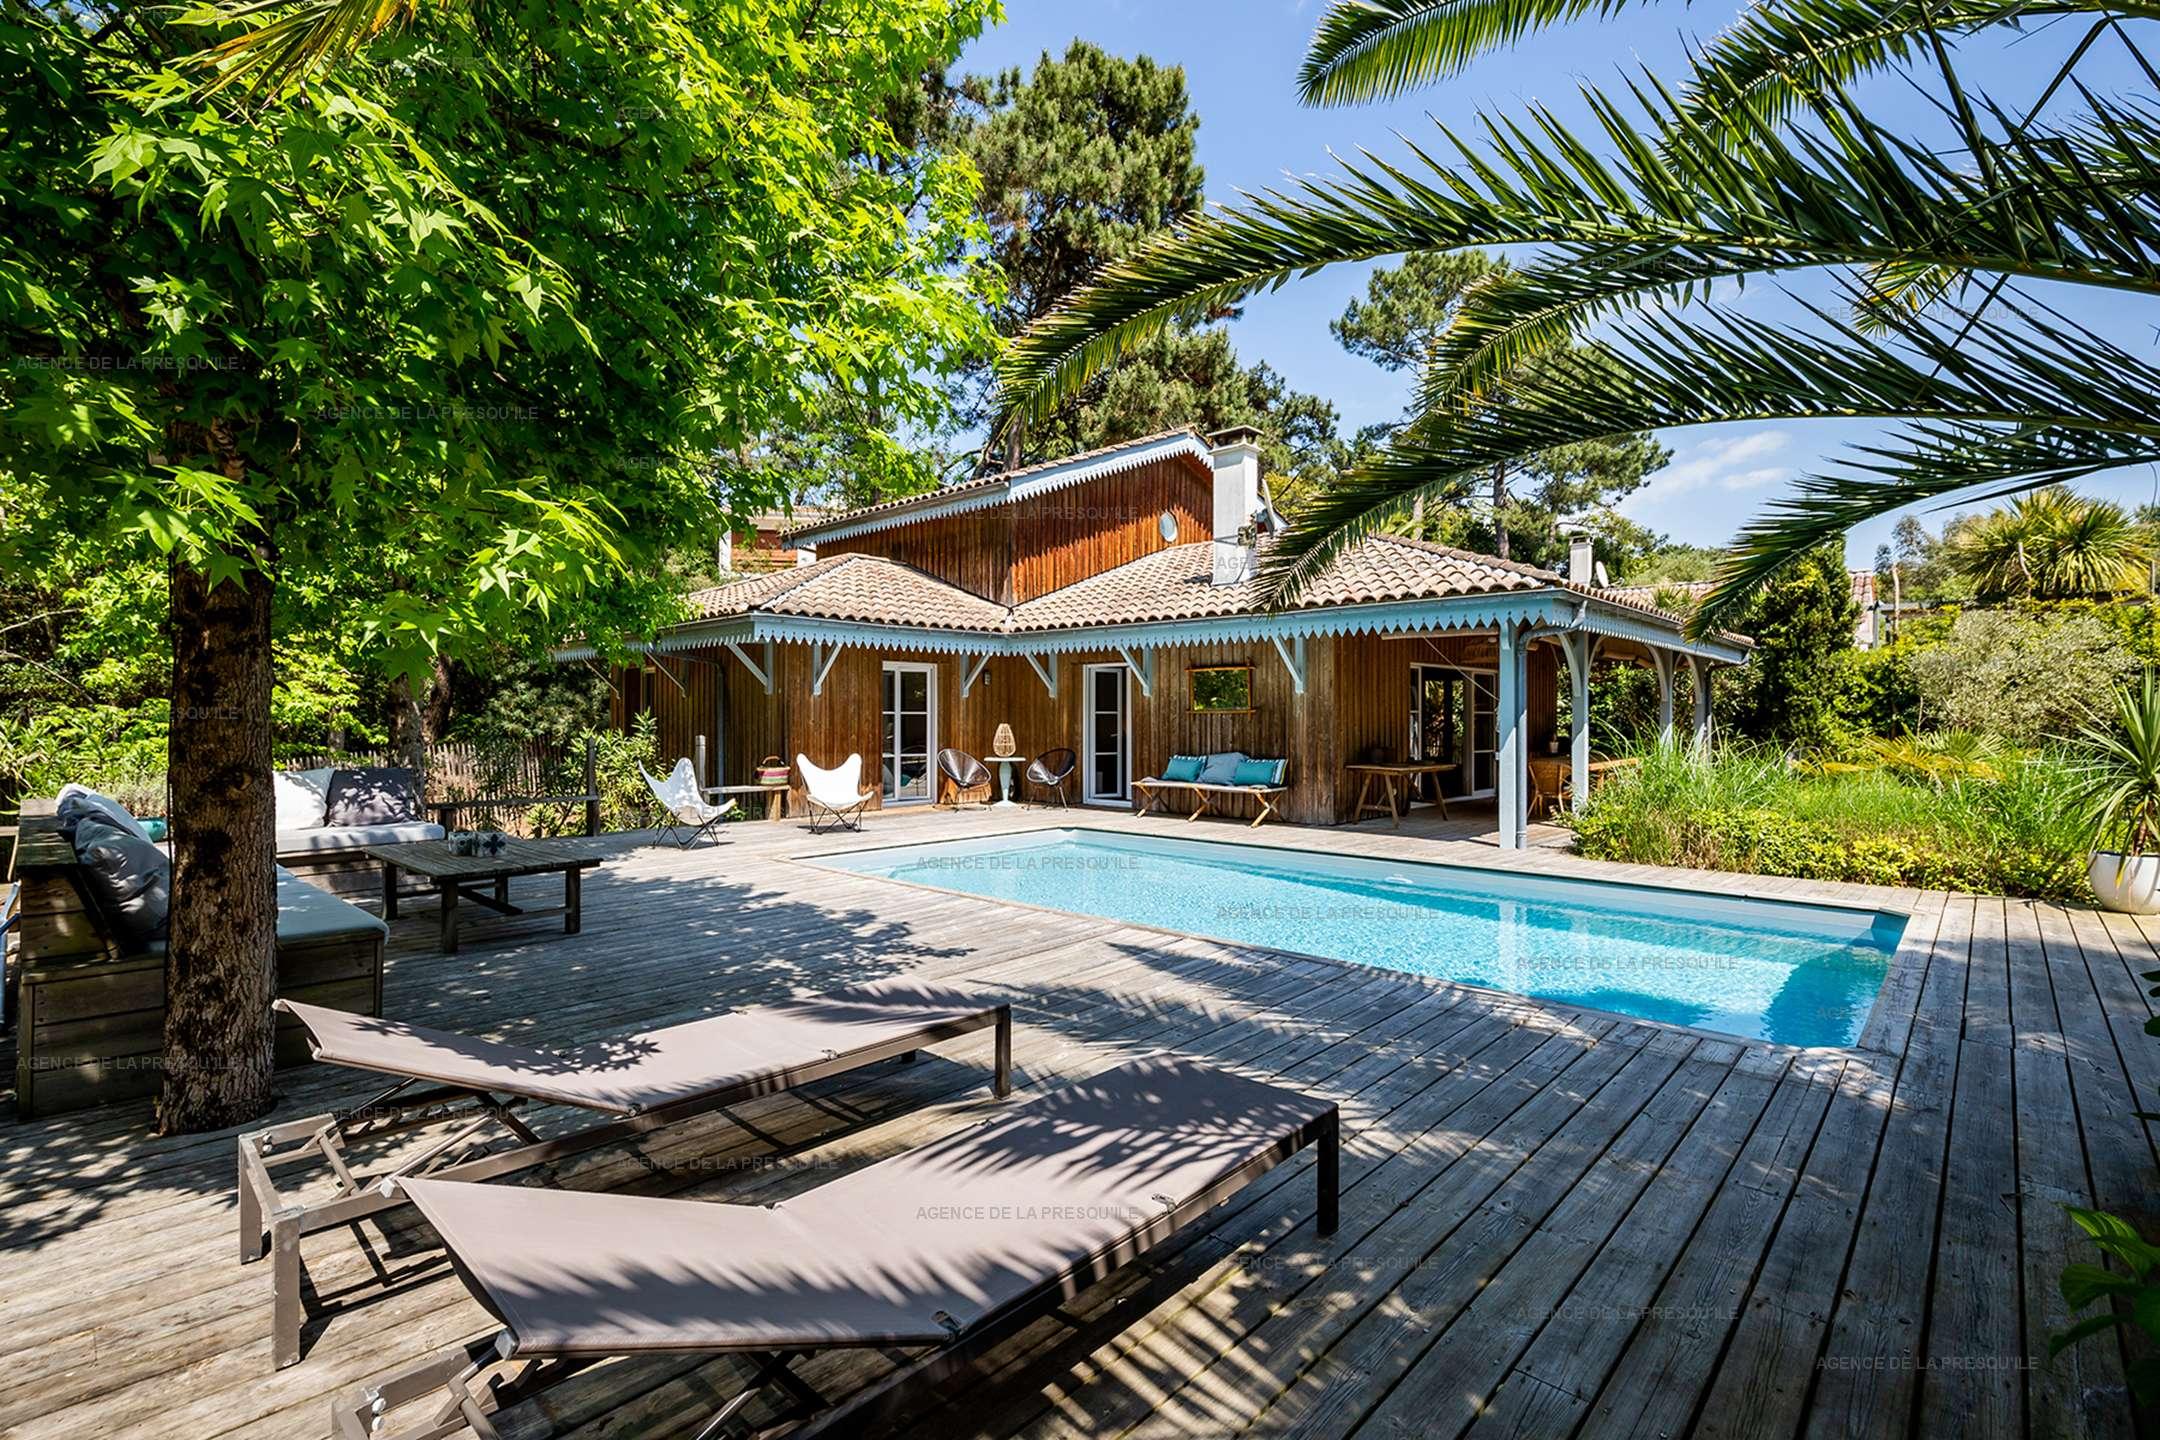 Location: Très jolie villa en bordure de forêt avec piscine 2